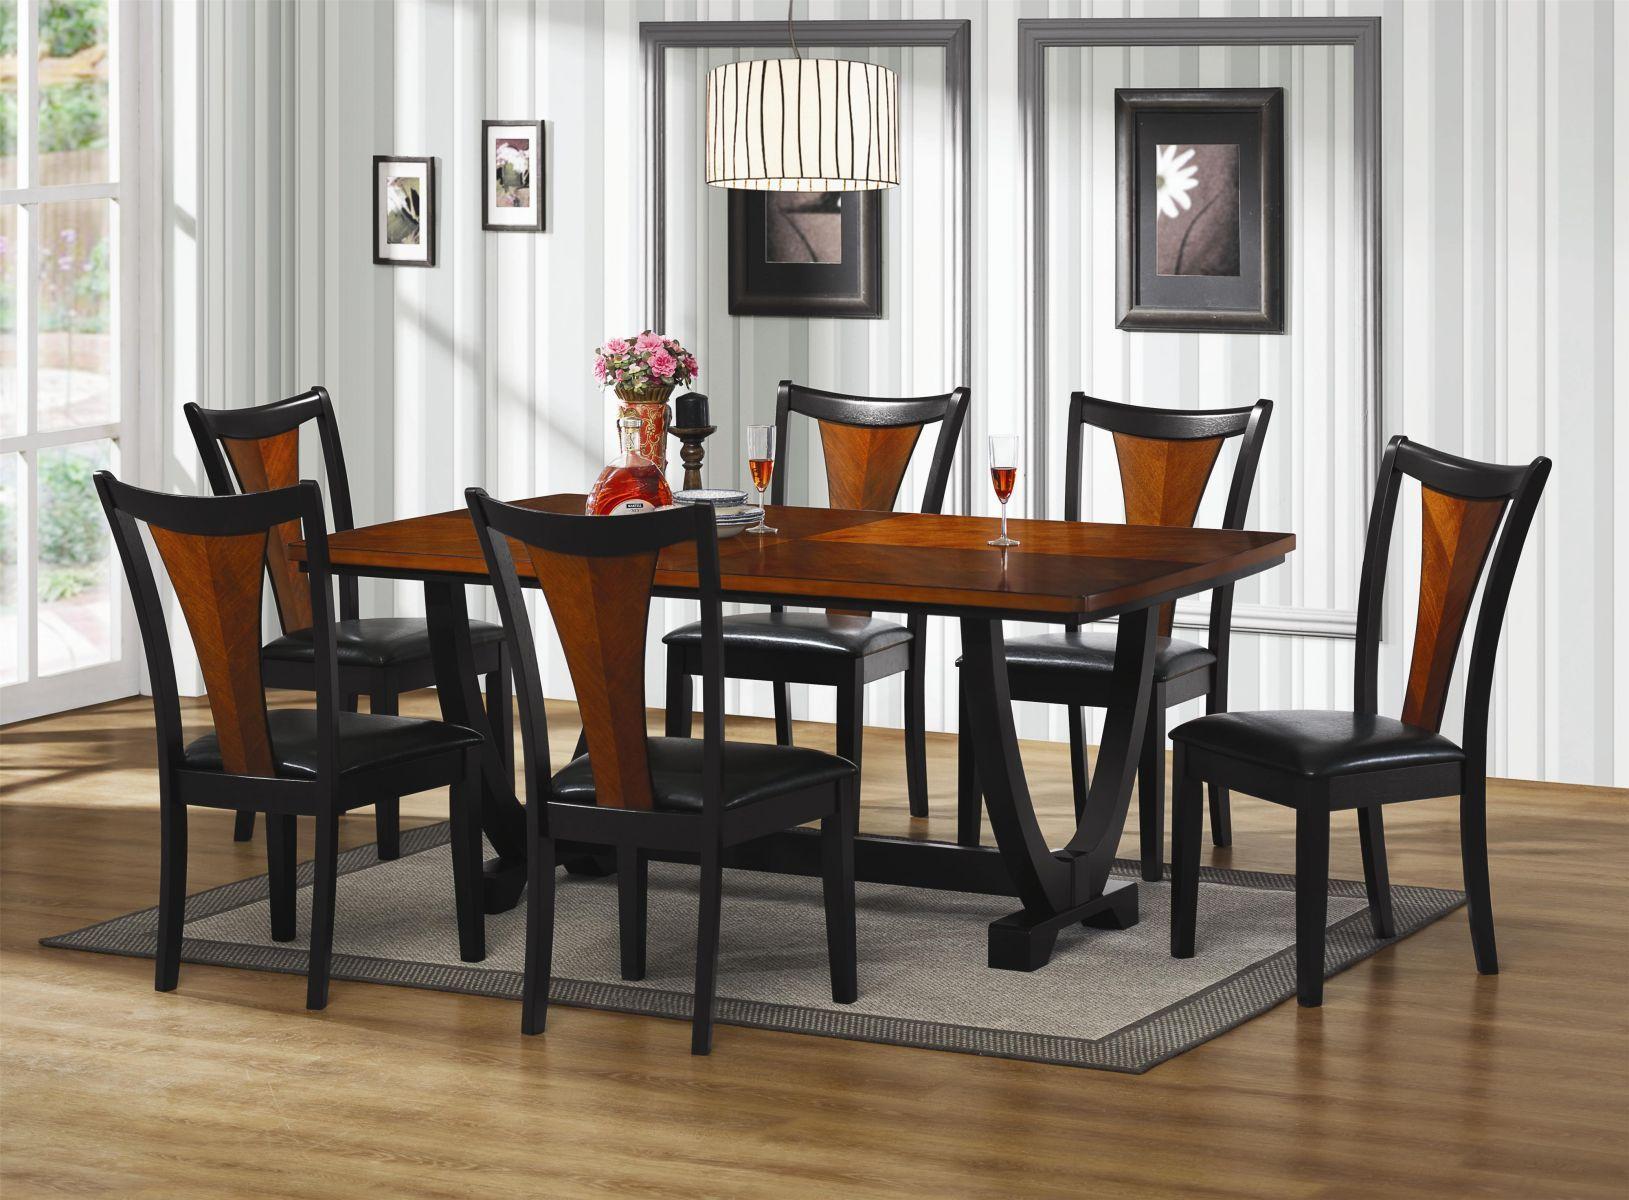 10 Small Dinette Set Design  Dinette Sets Dining Room Sets And Fascinating Dining Room Set For 10 Inspiration Design